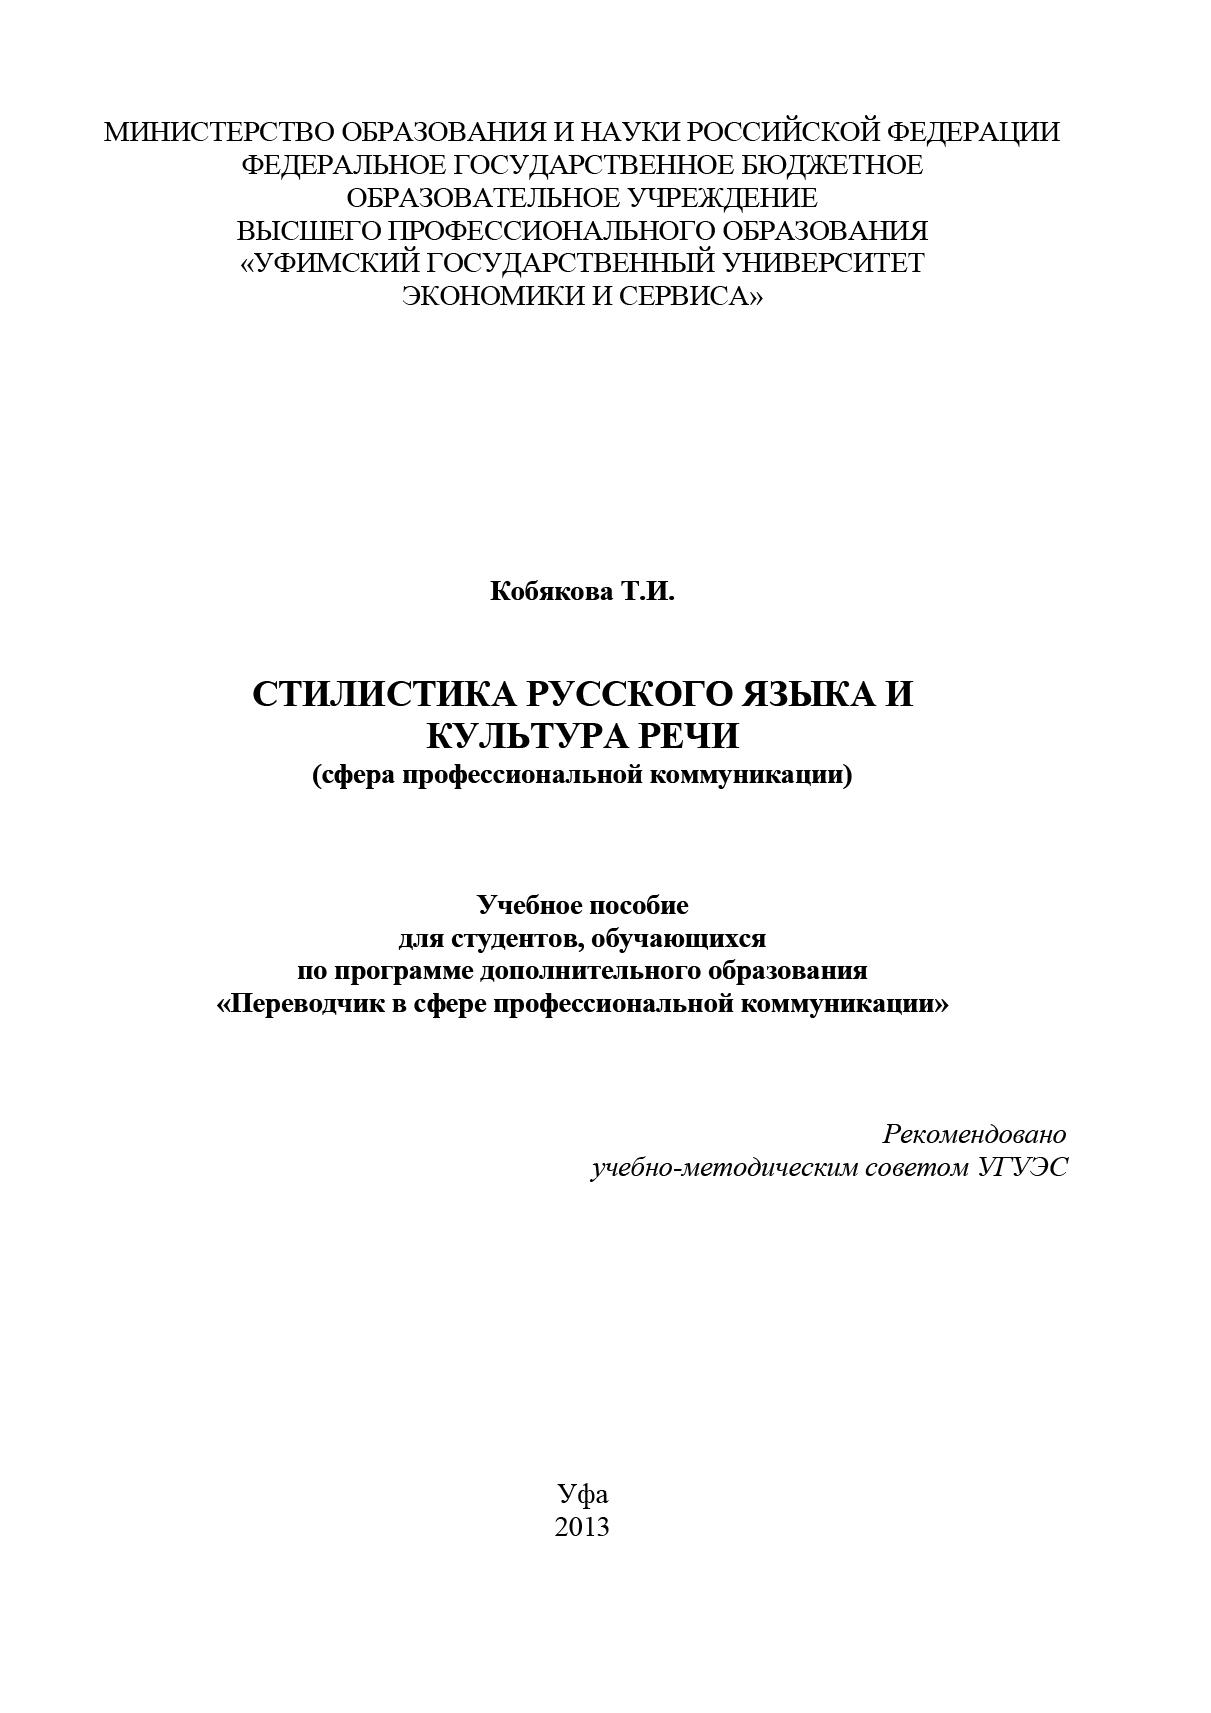 Стилистика русского языка и культура речи (сфера профессиональной коммуникации)